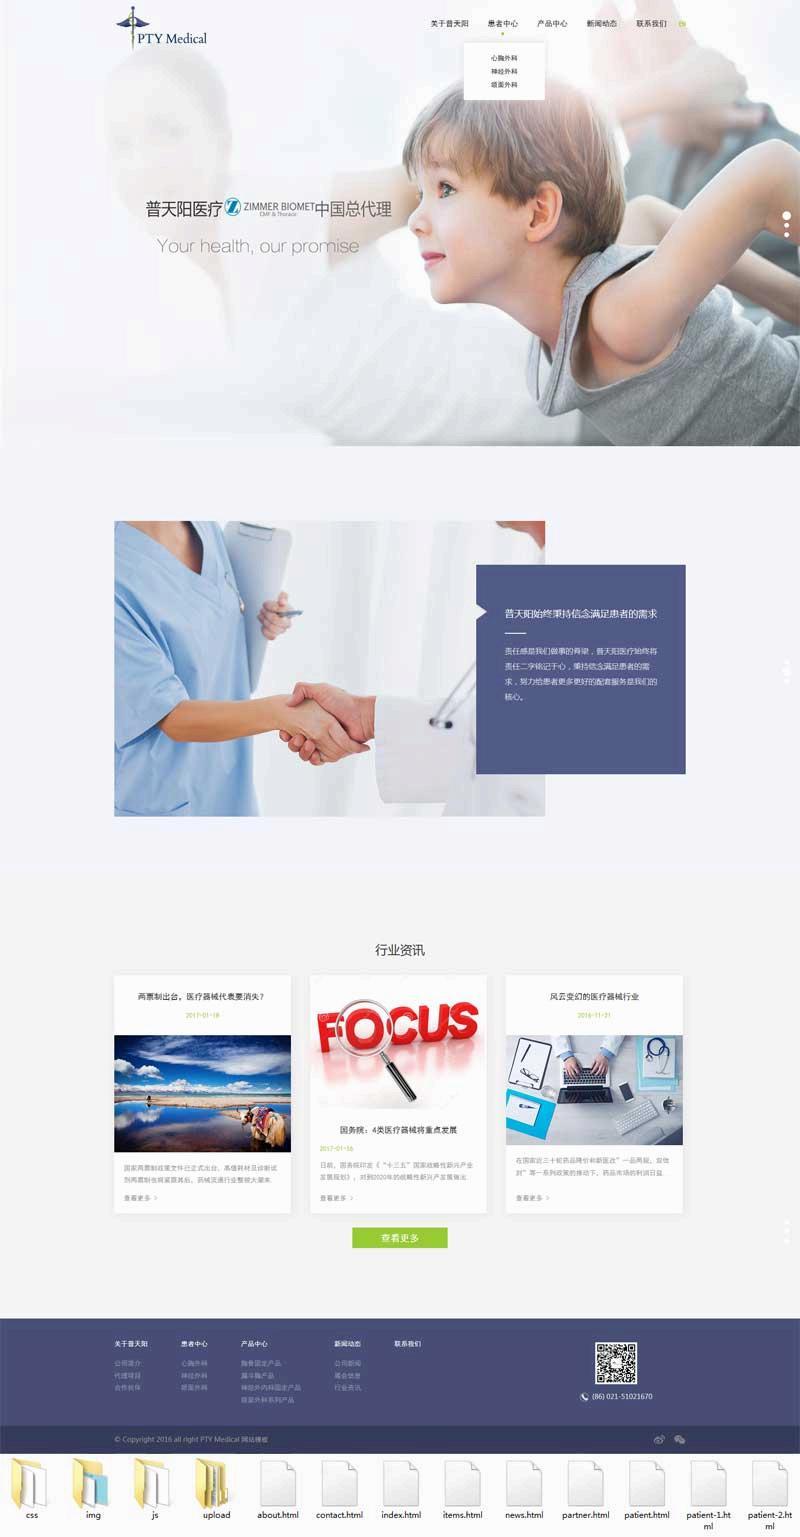 简单大气的医疗器械公司网站模板